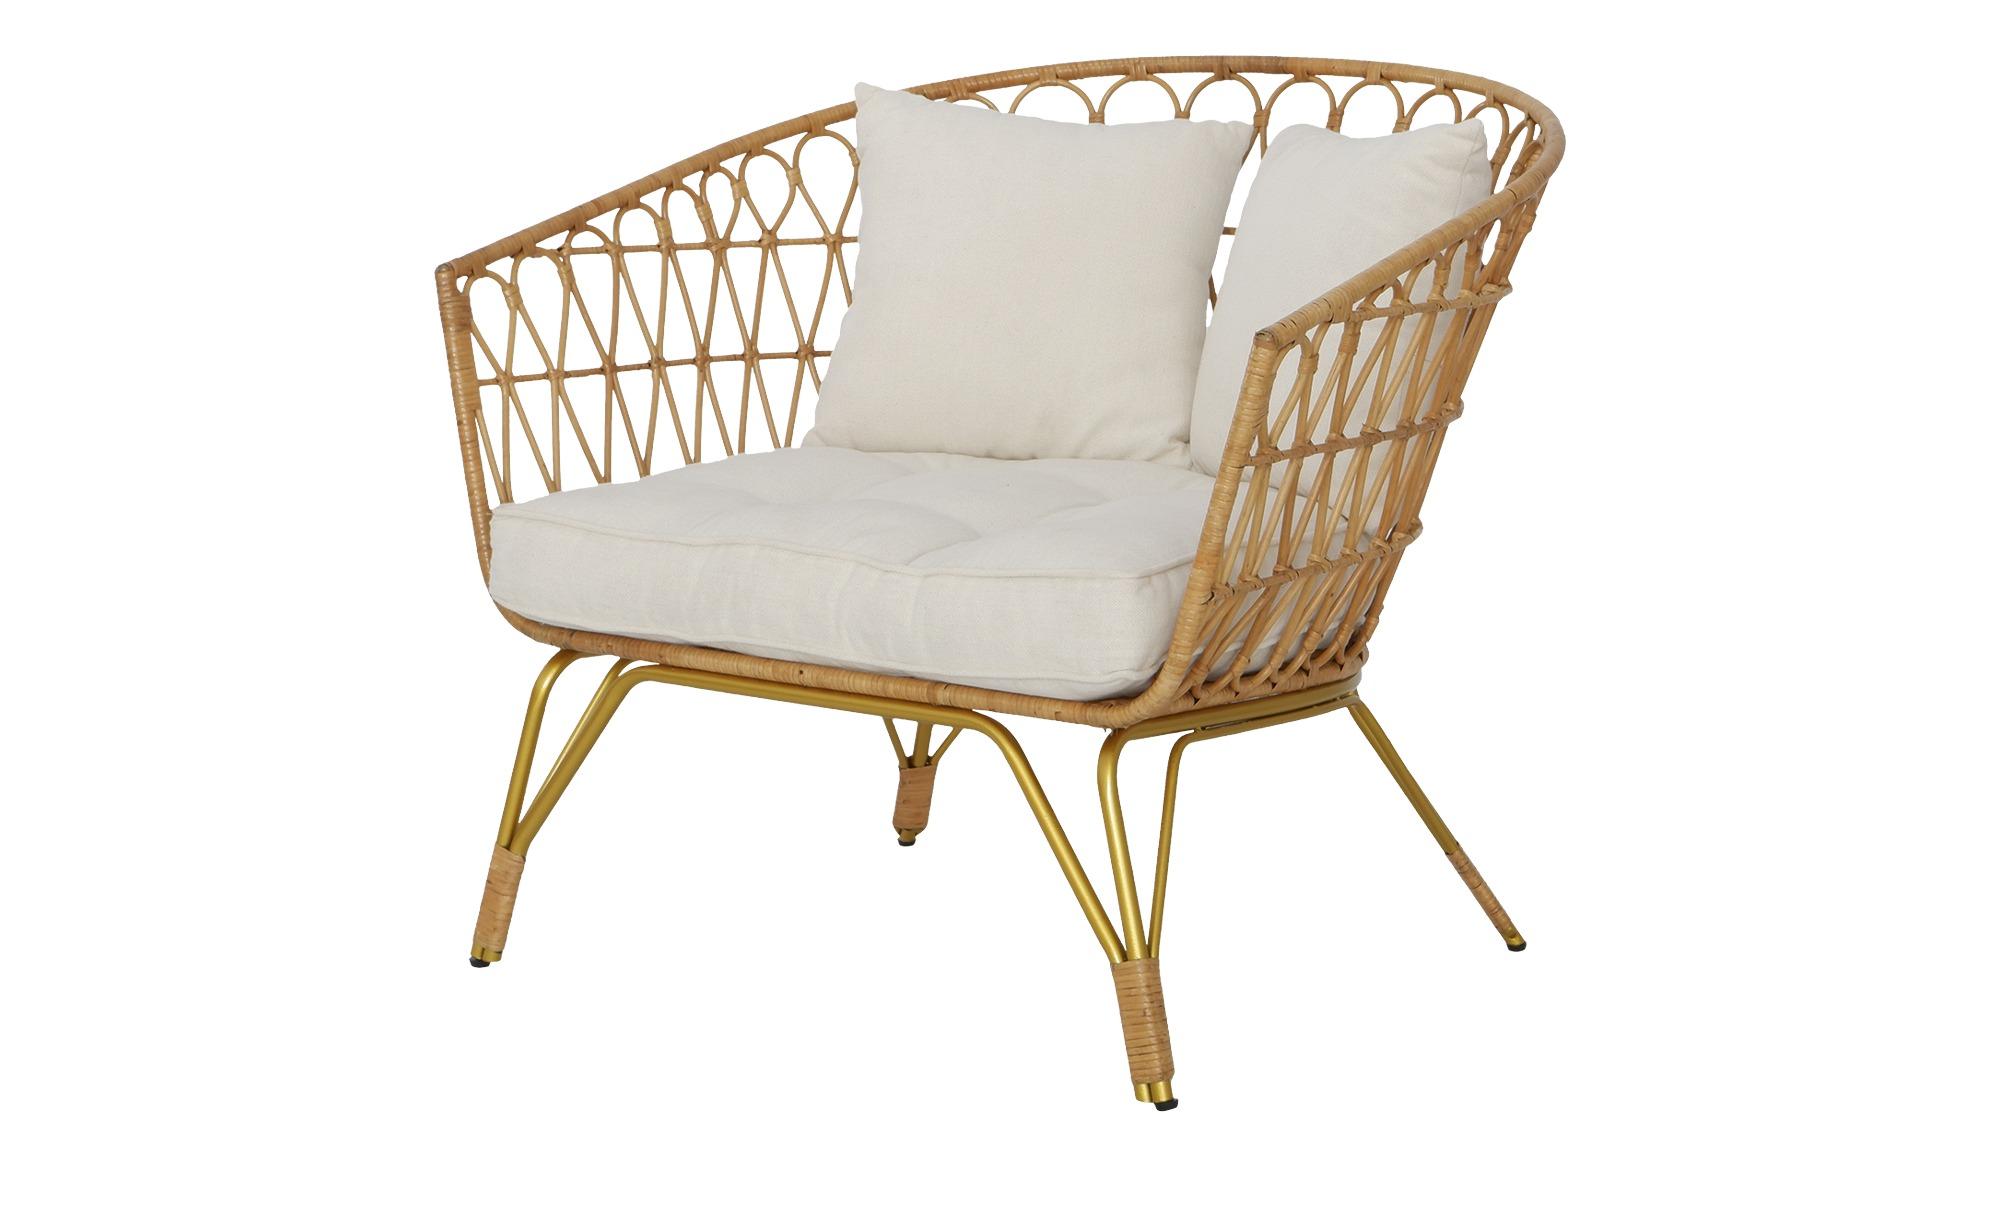 Cocktailsessel aus Rattan mit komfortabler Sitzfläche